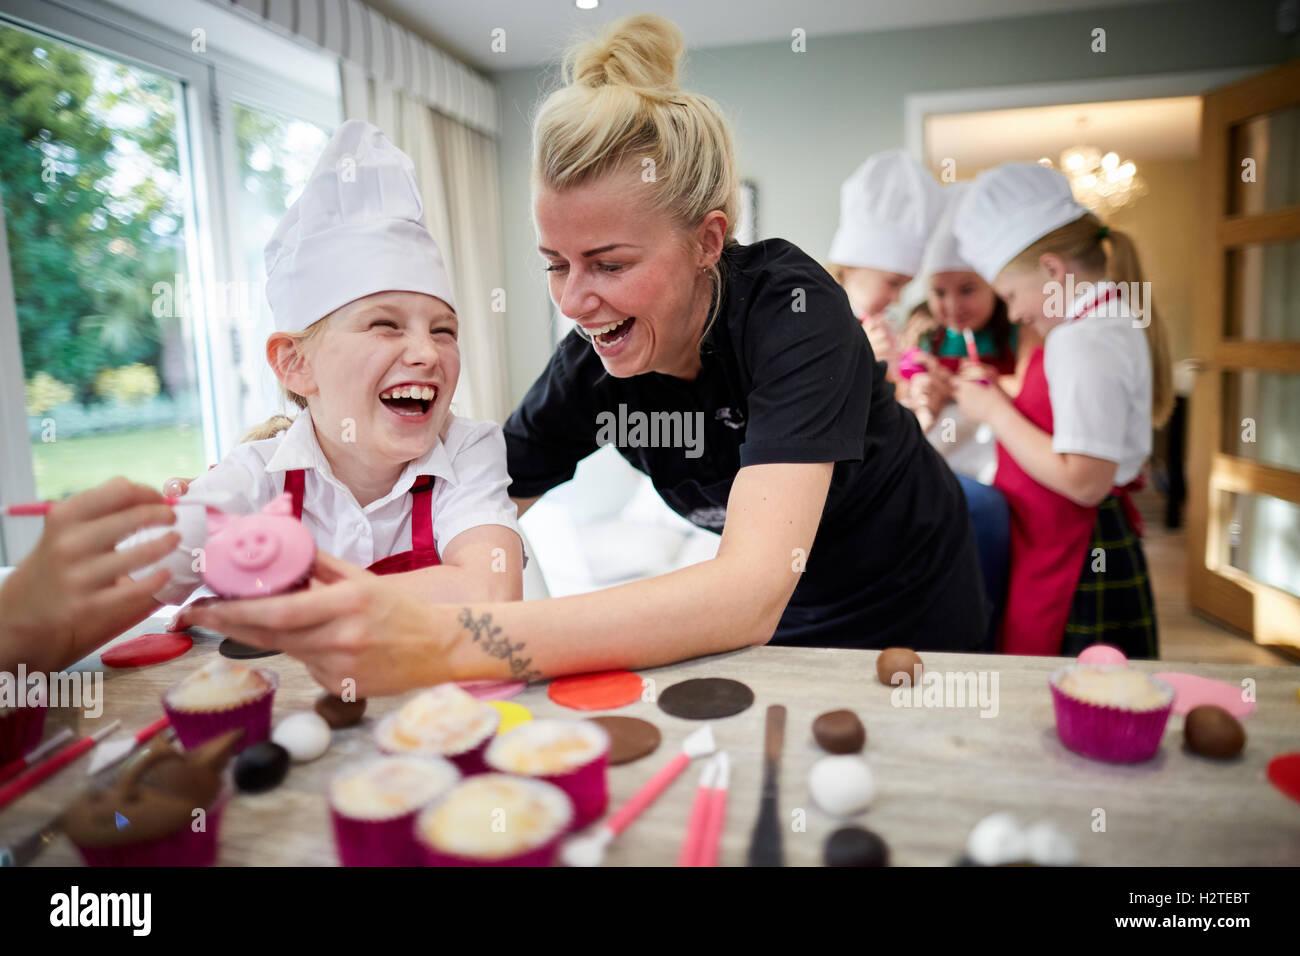 Cup Cakes Rostros Animales Granja Los Niños Se Burlan De Cocción Cocinar  Niños Niños Jóvenes Niños Adolescentes Niños Pequeños